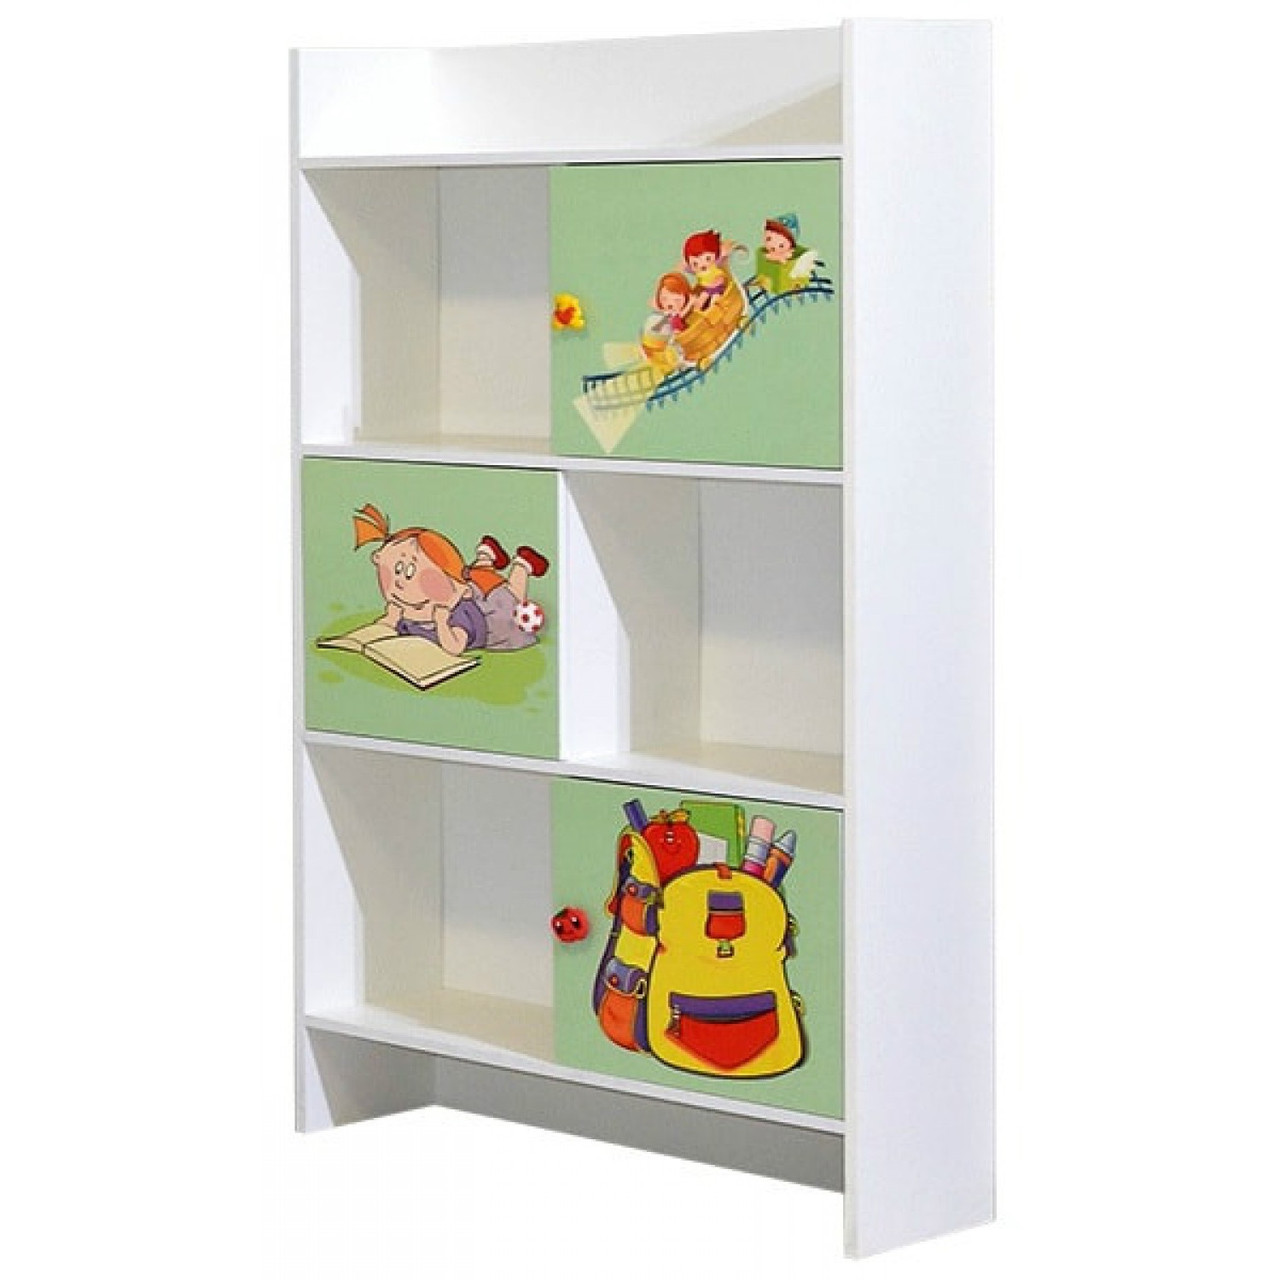 Книжный шкаф в детскую комнату из ДСП Мульти Алфавит Світ меблів